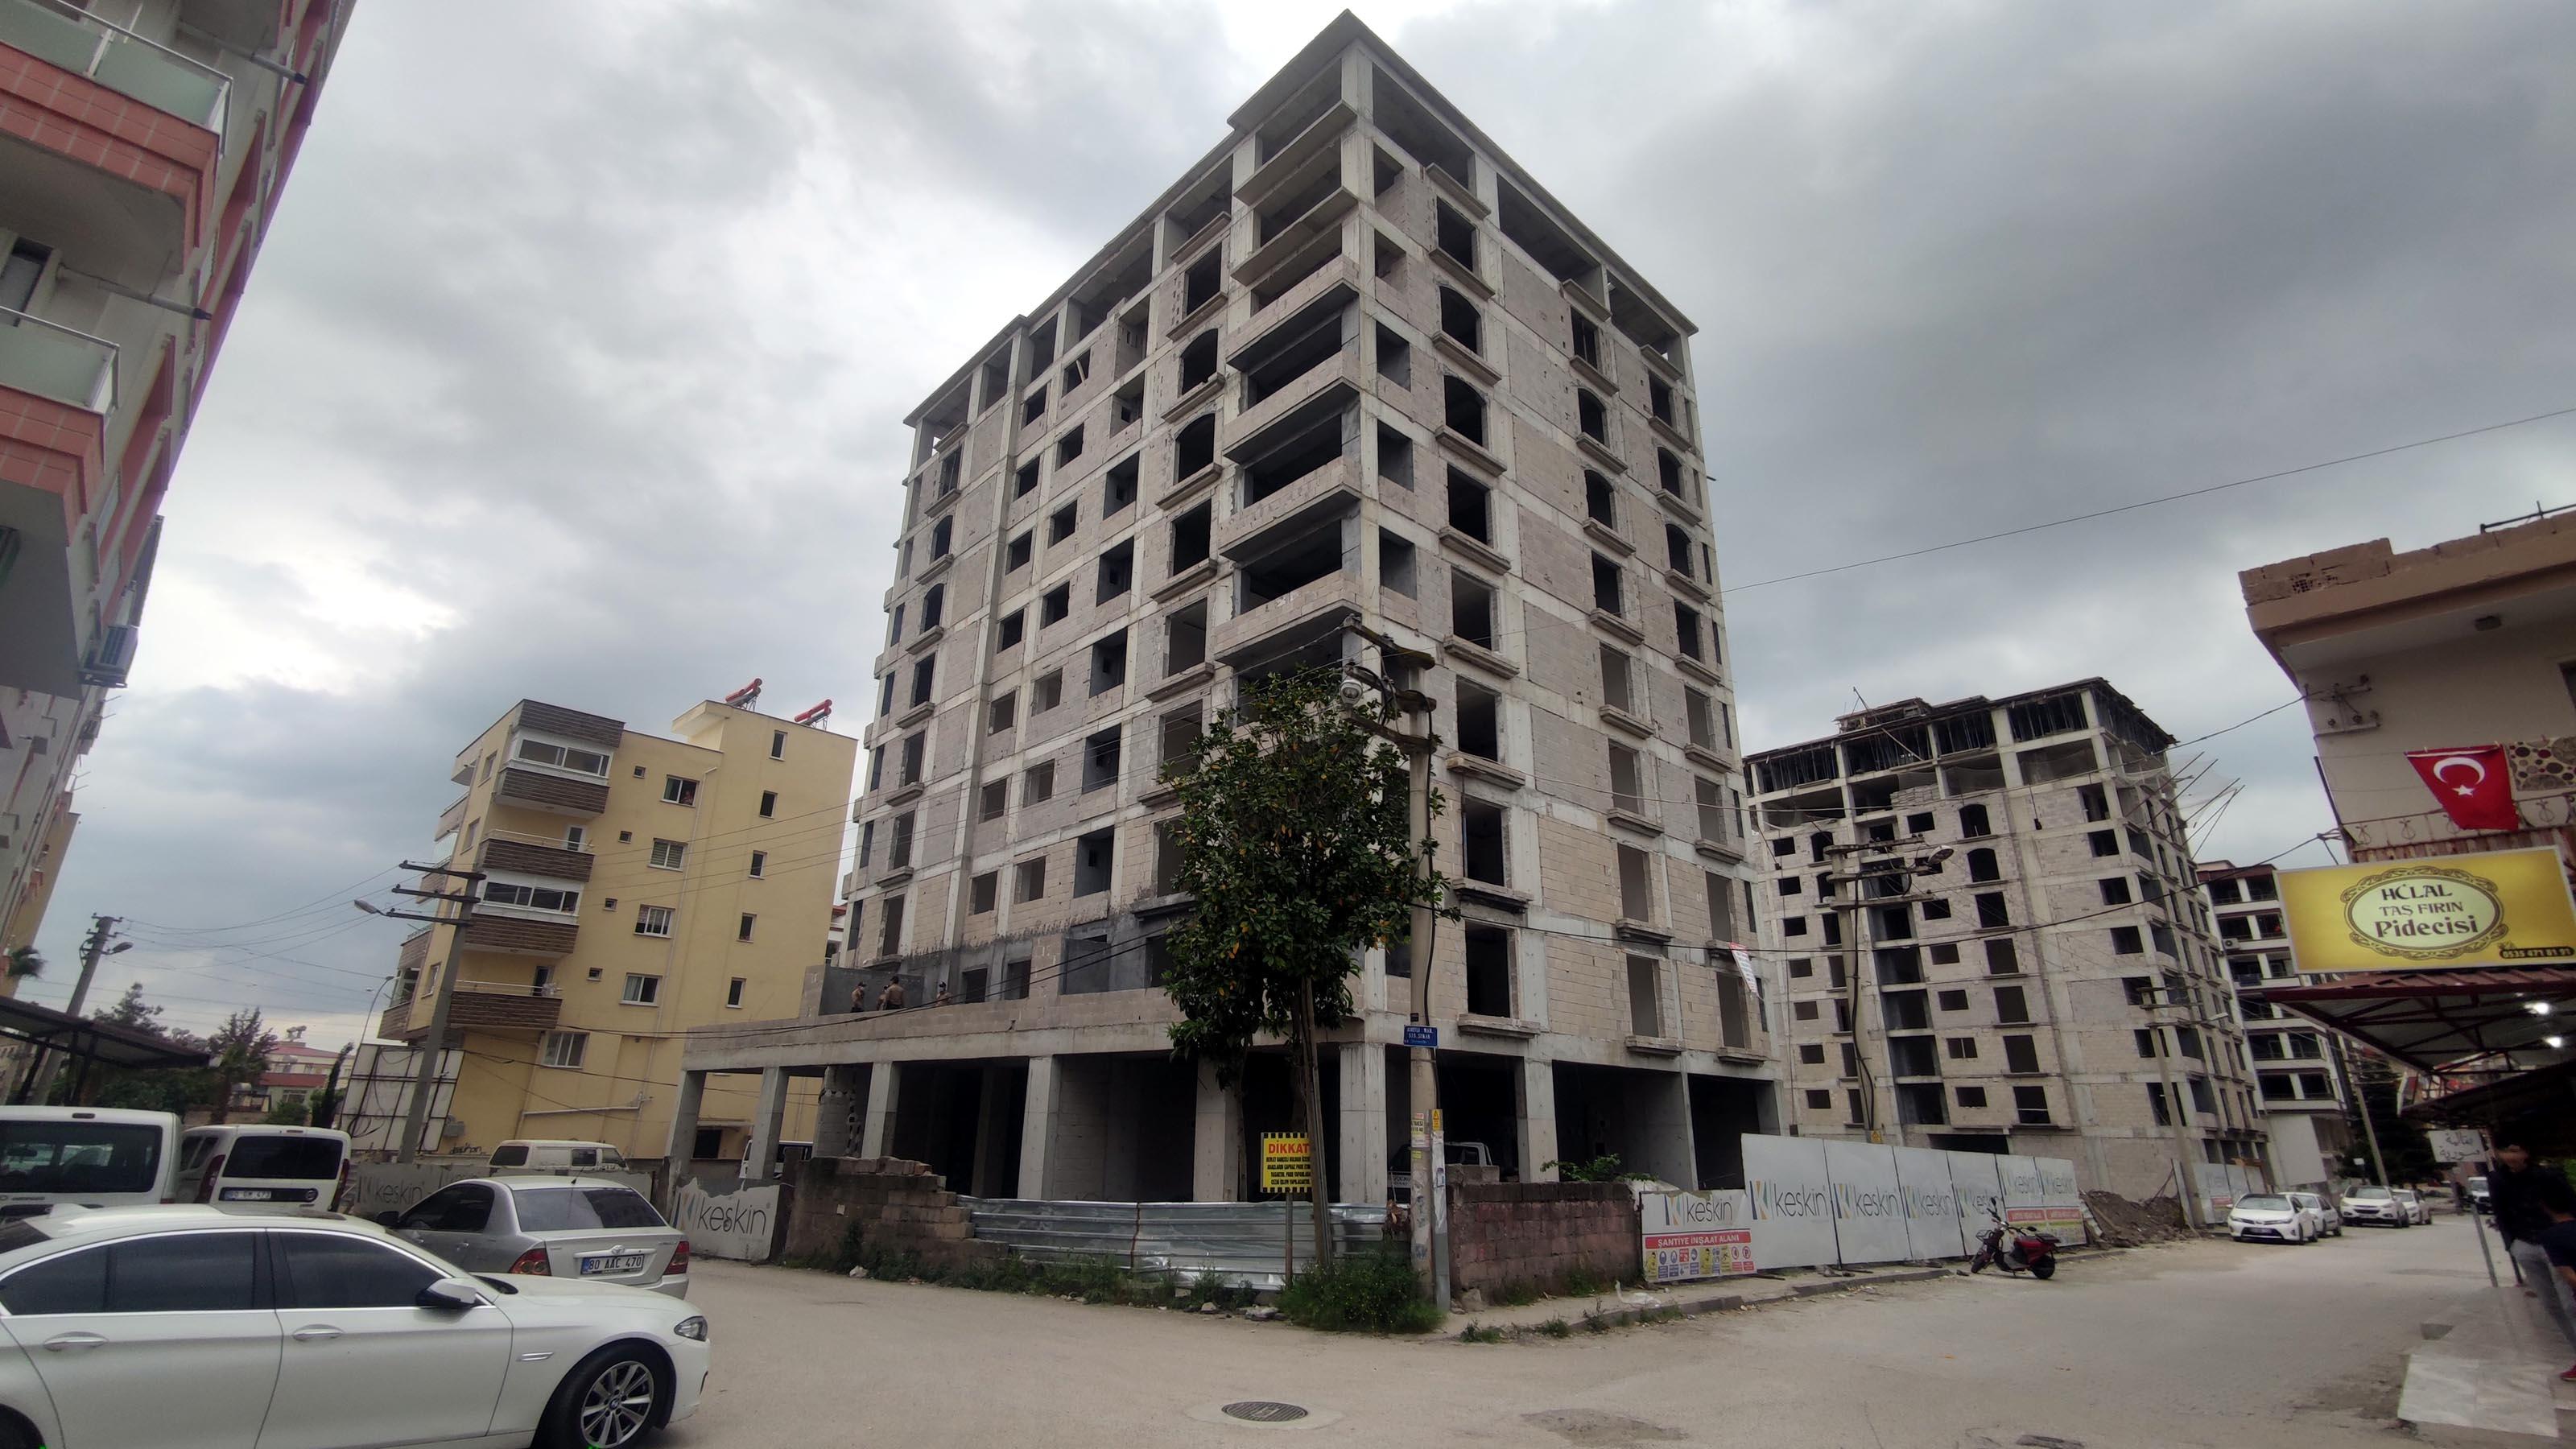 10 katlı inşaattan düşen Suriyeli işçi hayatını kaybetti